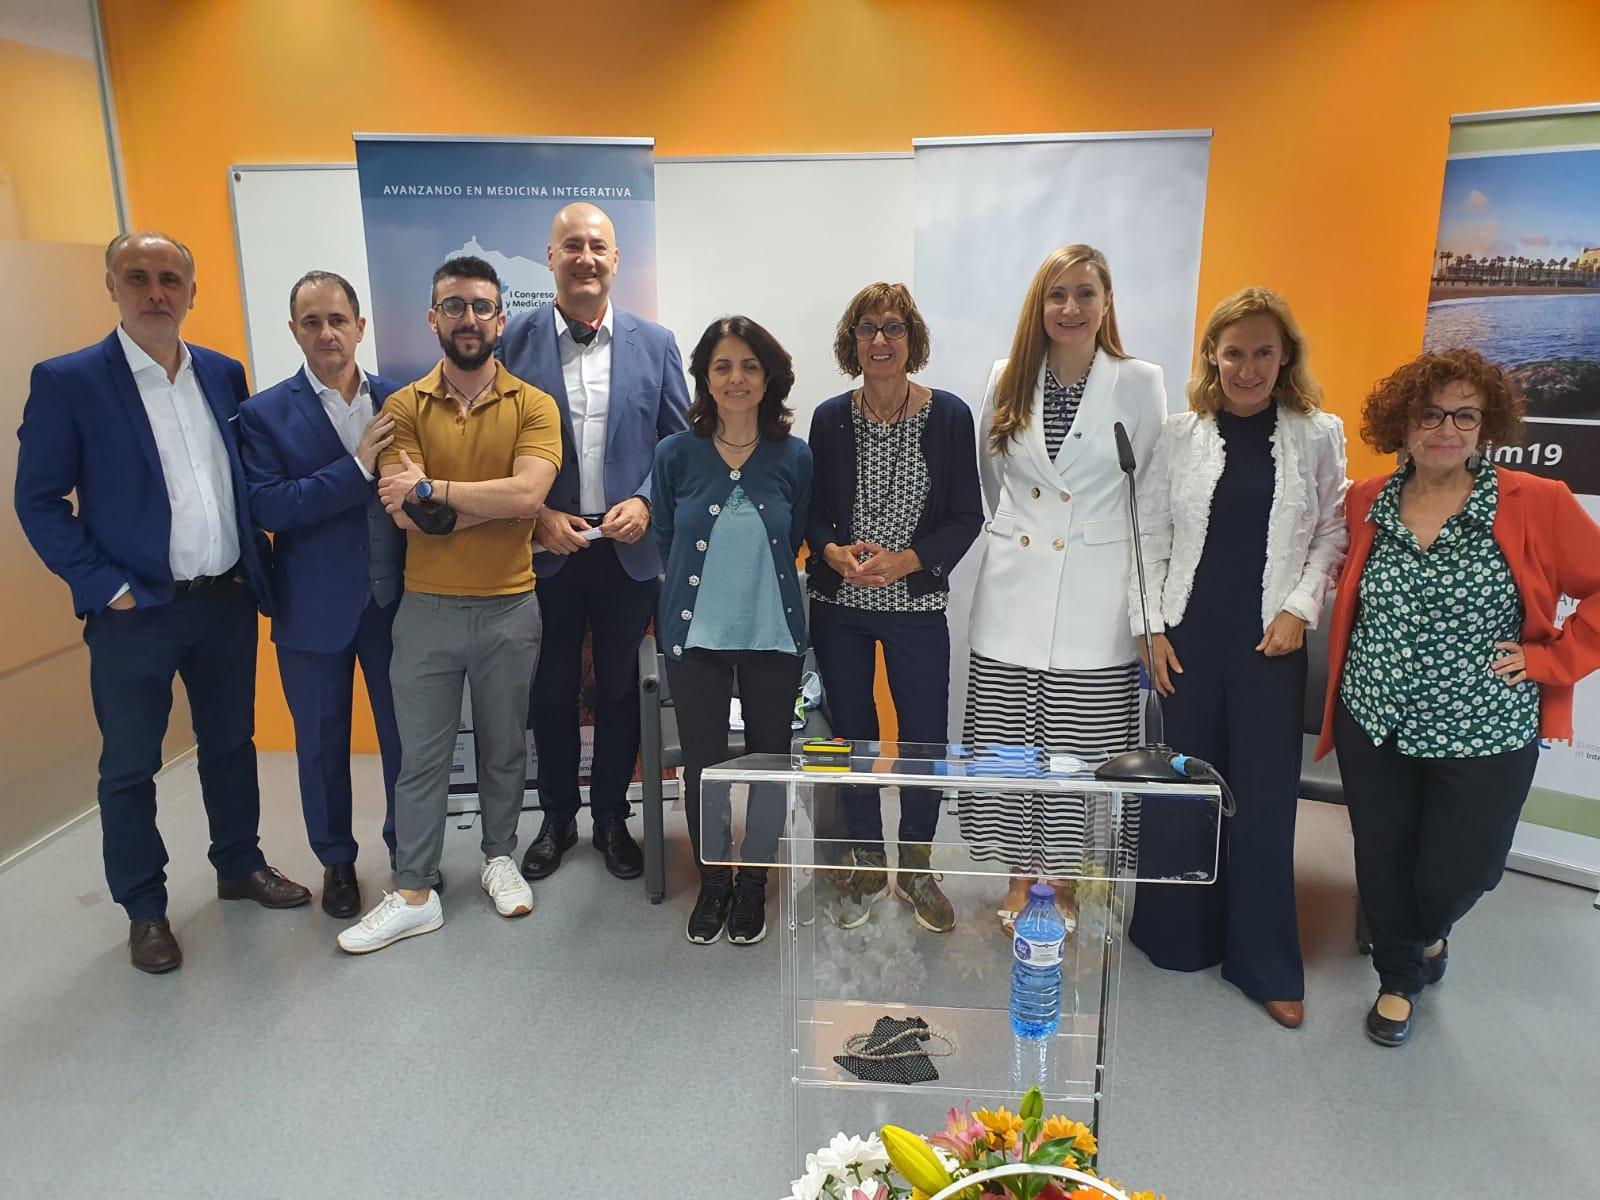 congreso medicina integrativa barcelona y online